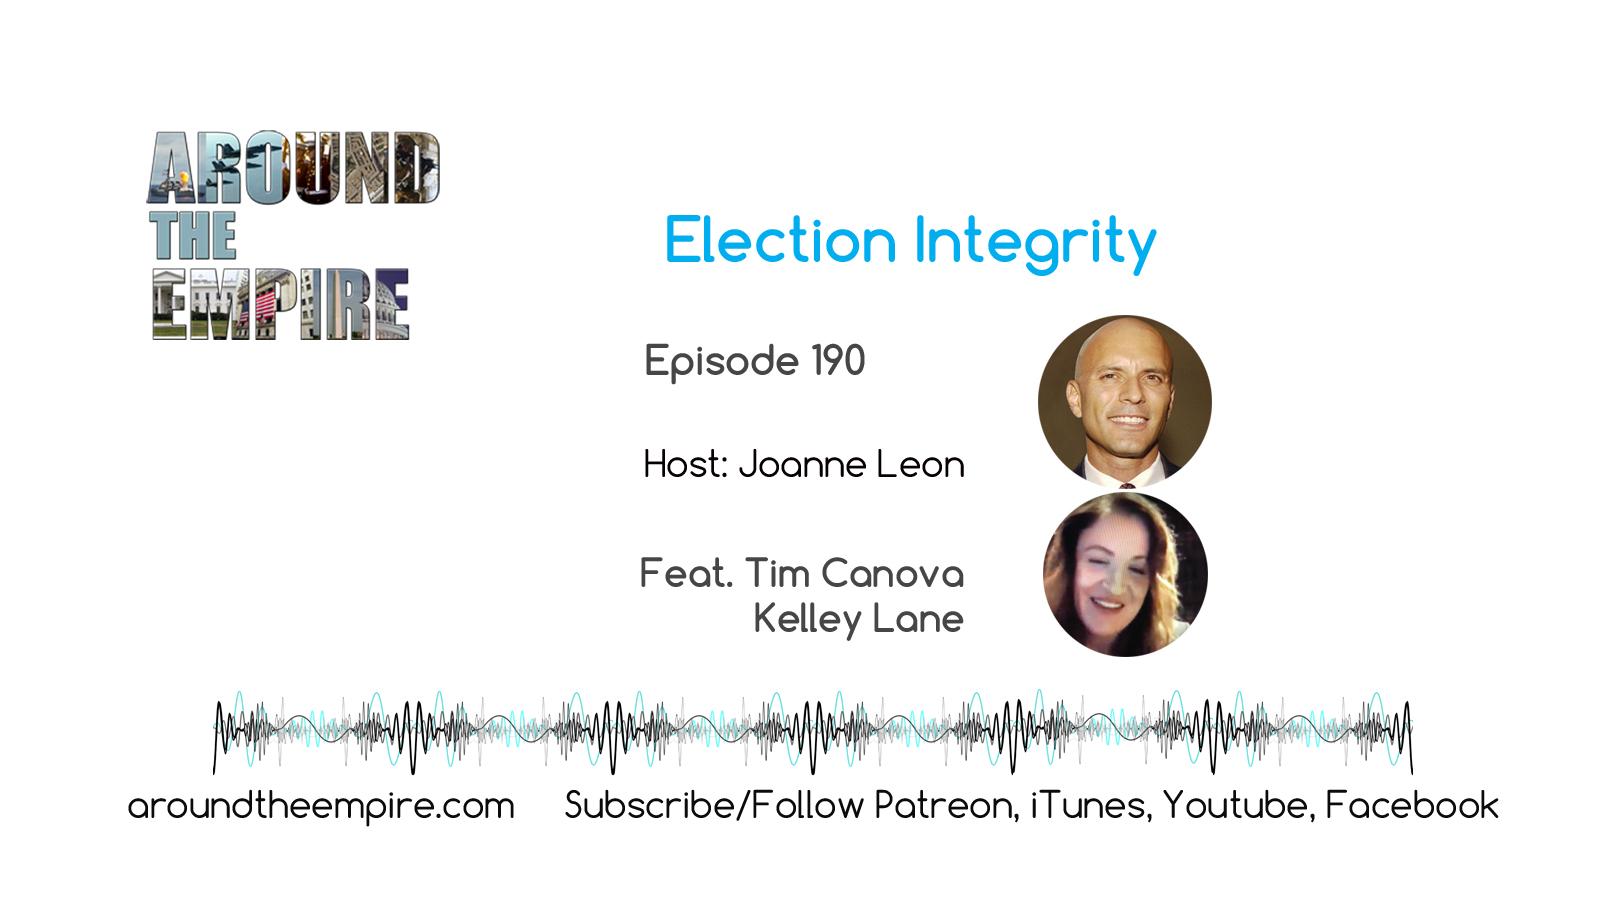 Ep 190 Election Integrity feat Tim Canova, Kelley Lane